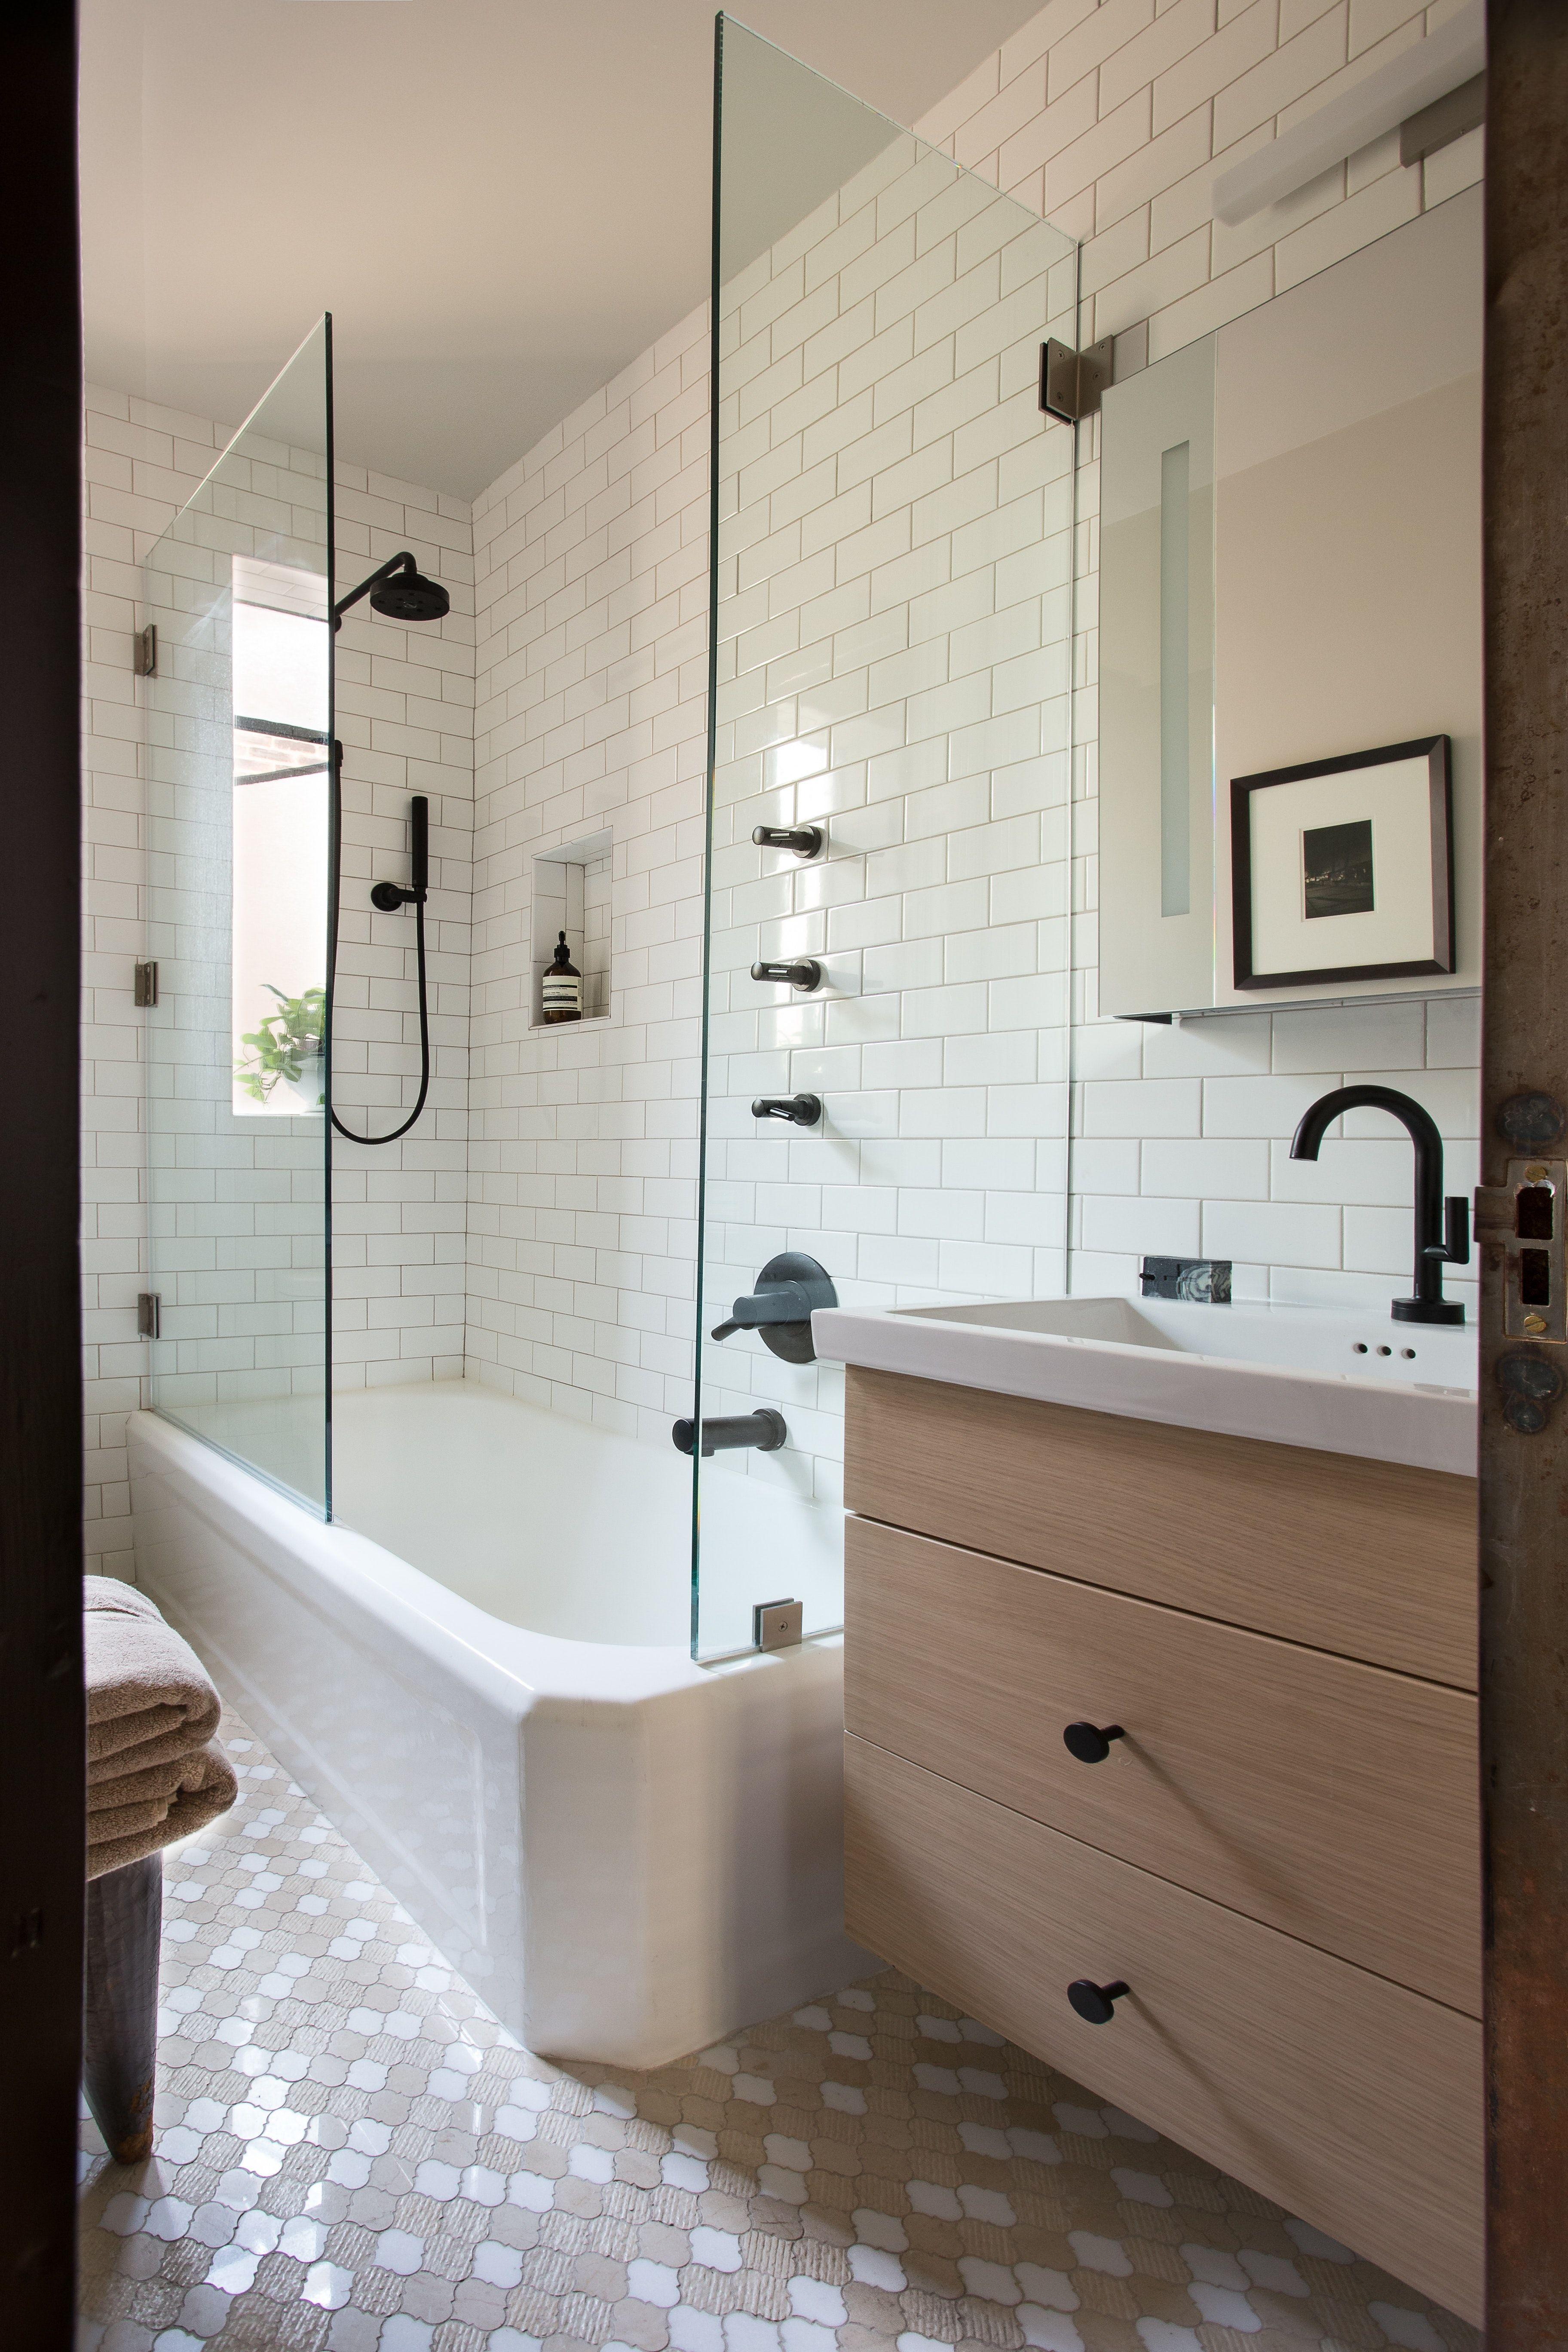 Bathroom Make Over Matte Black Hardware White Subway Tile With Beige Grout Bathroom Remodel Designs Simple Bathroom Renovation Beige Bathroom